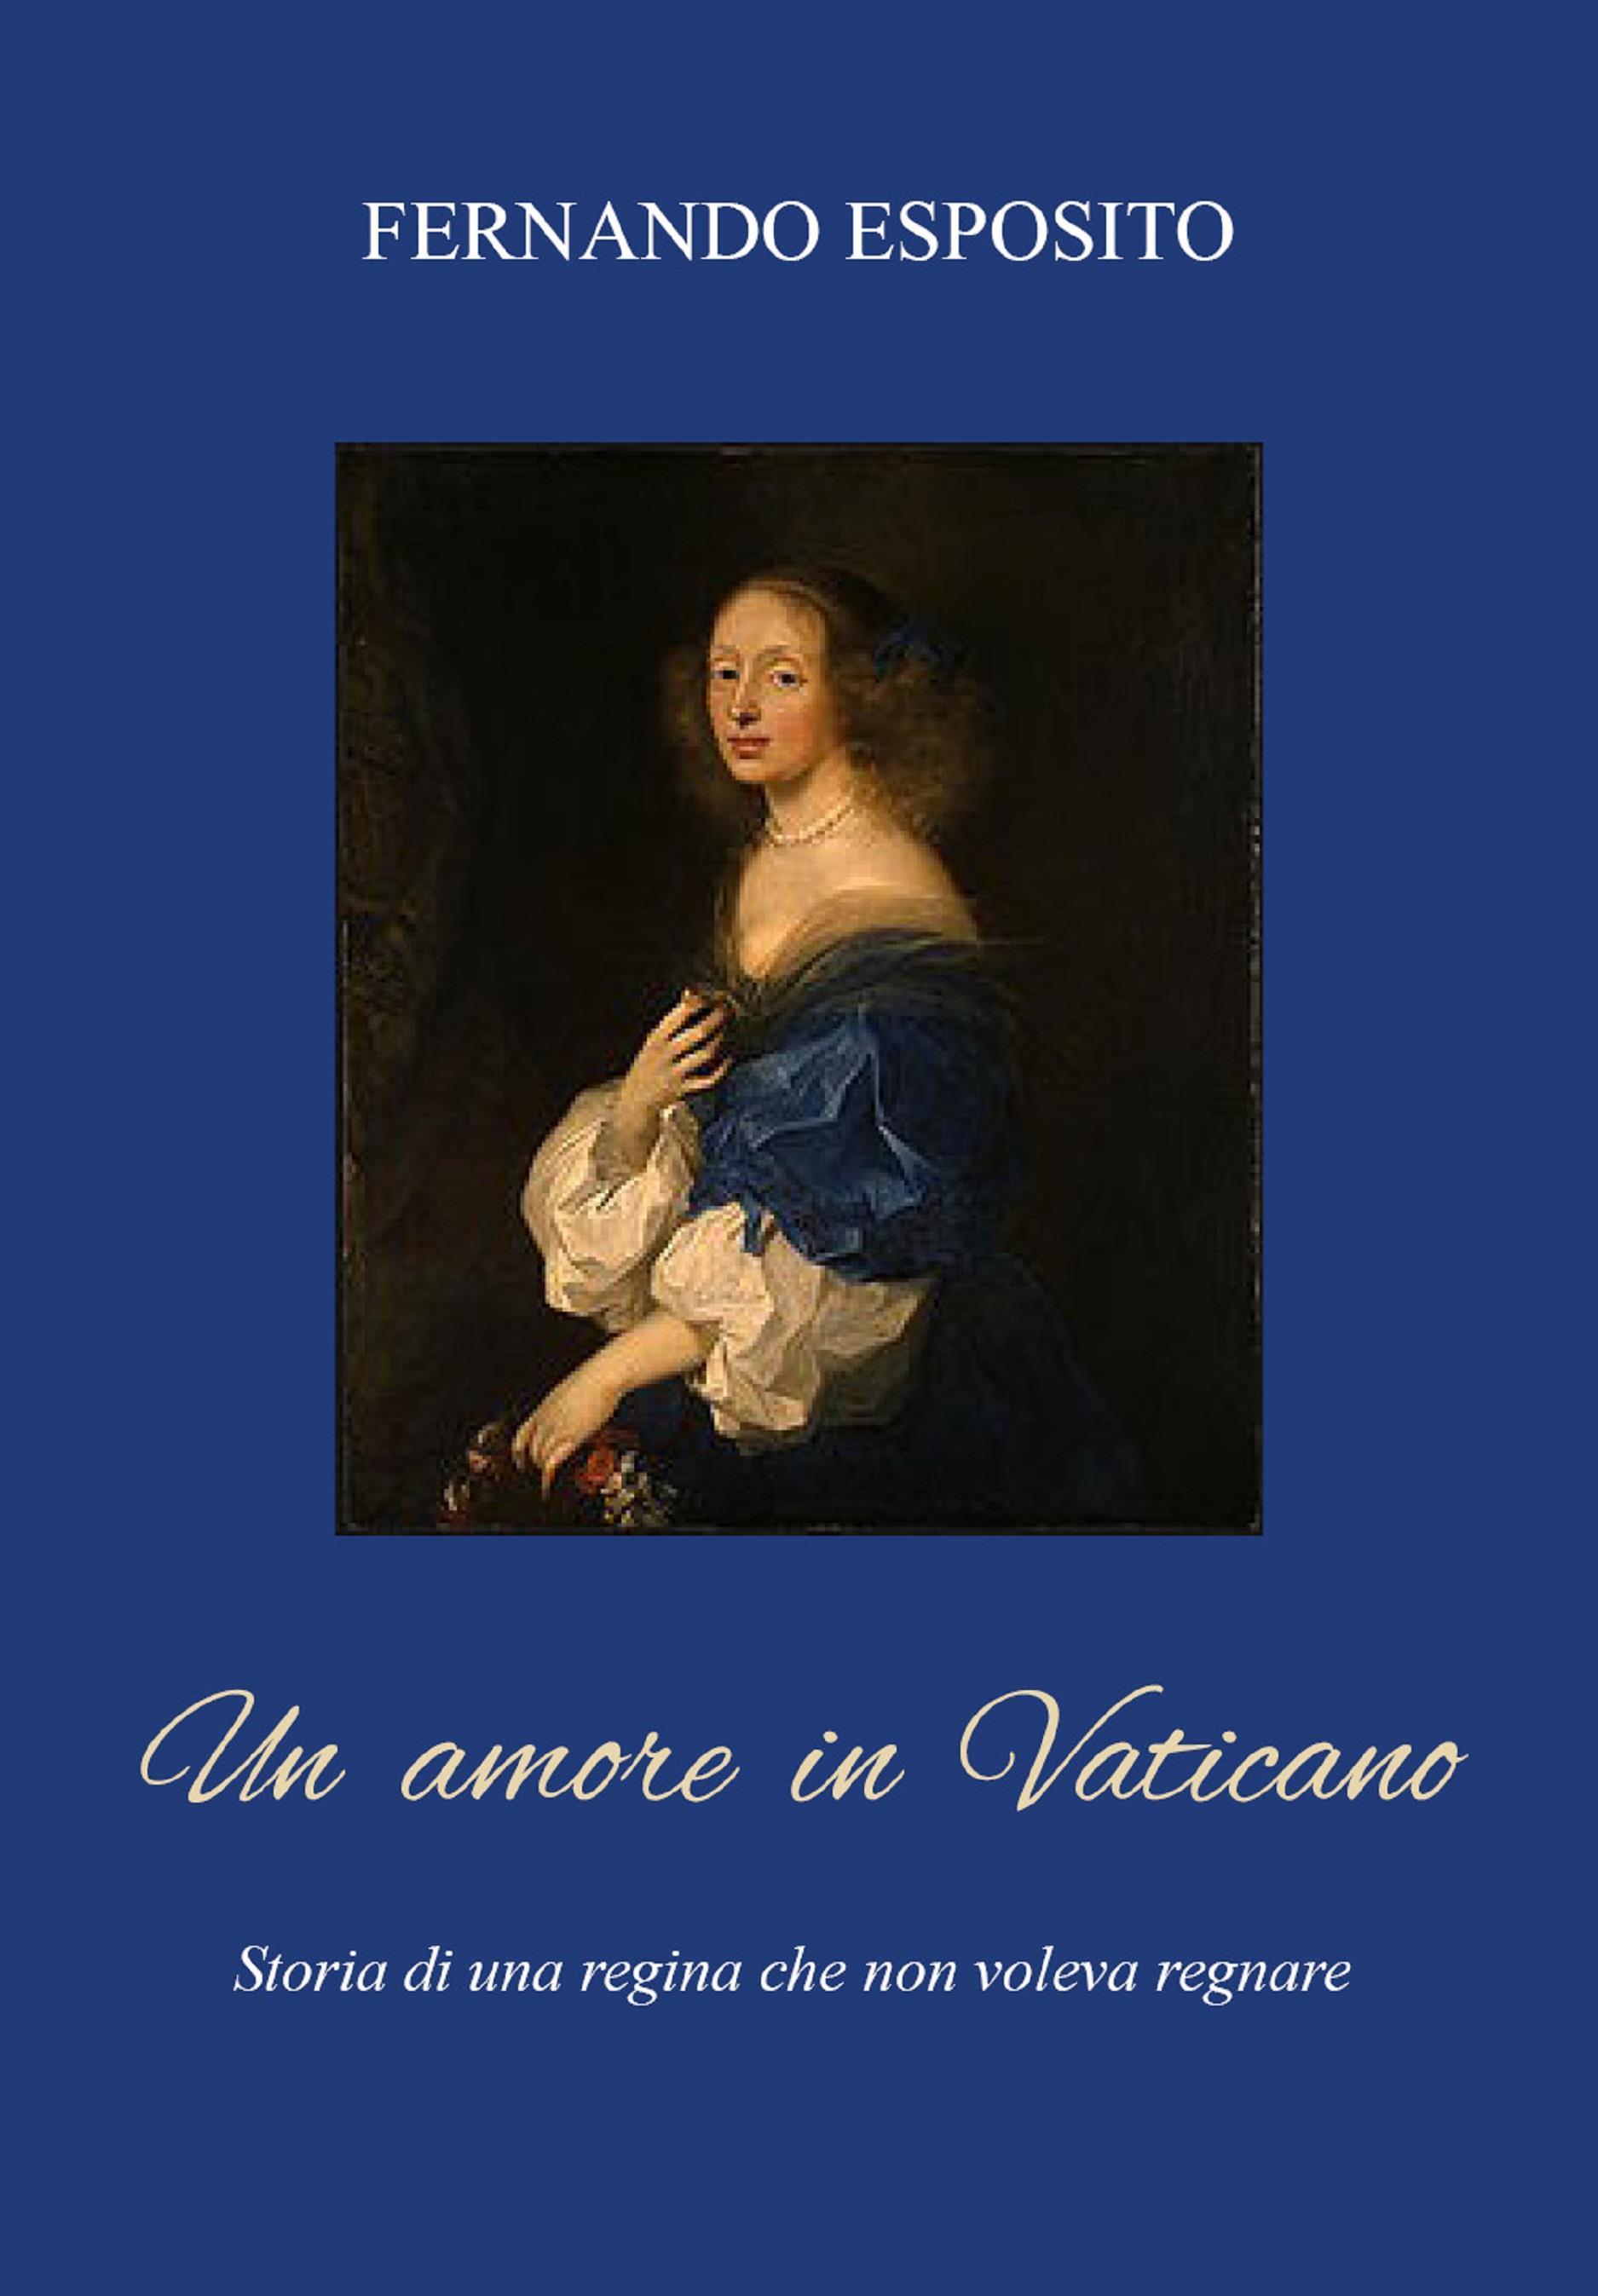 Un amore in vaticano. La Regina che non voleva regnare